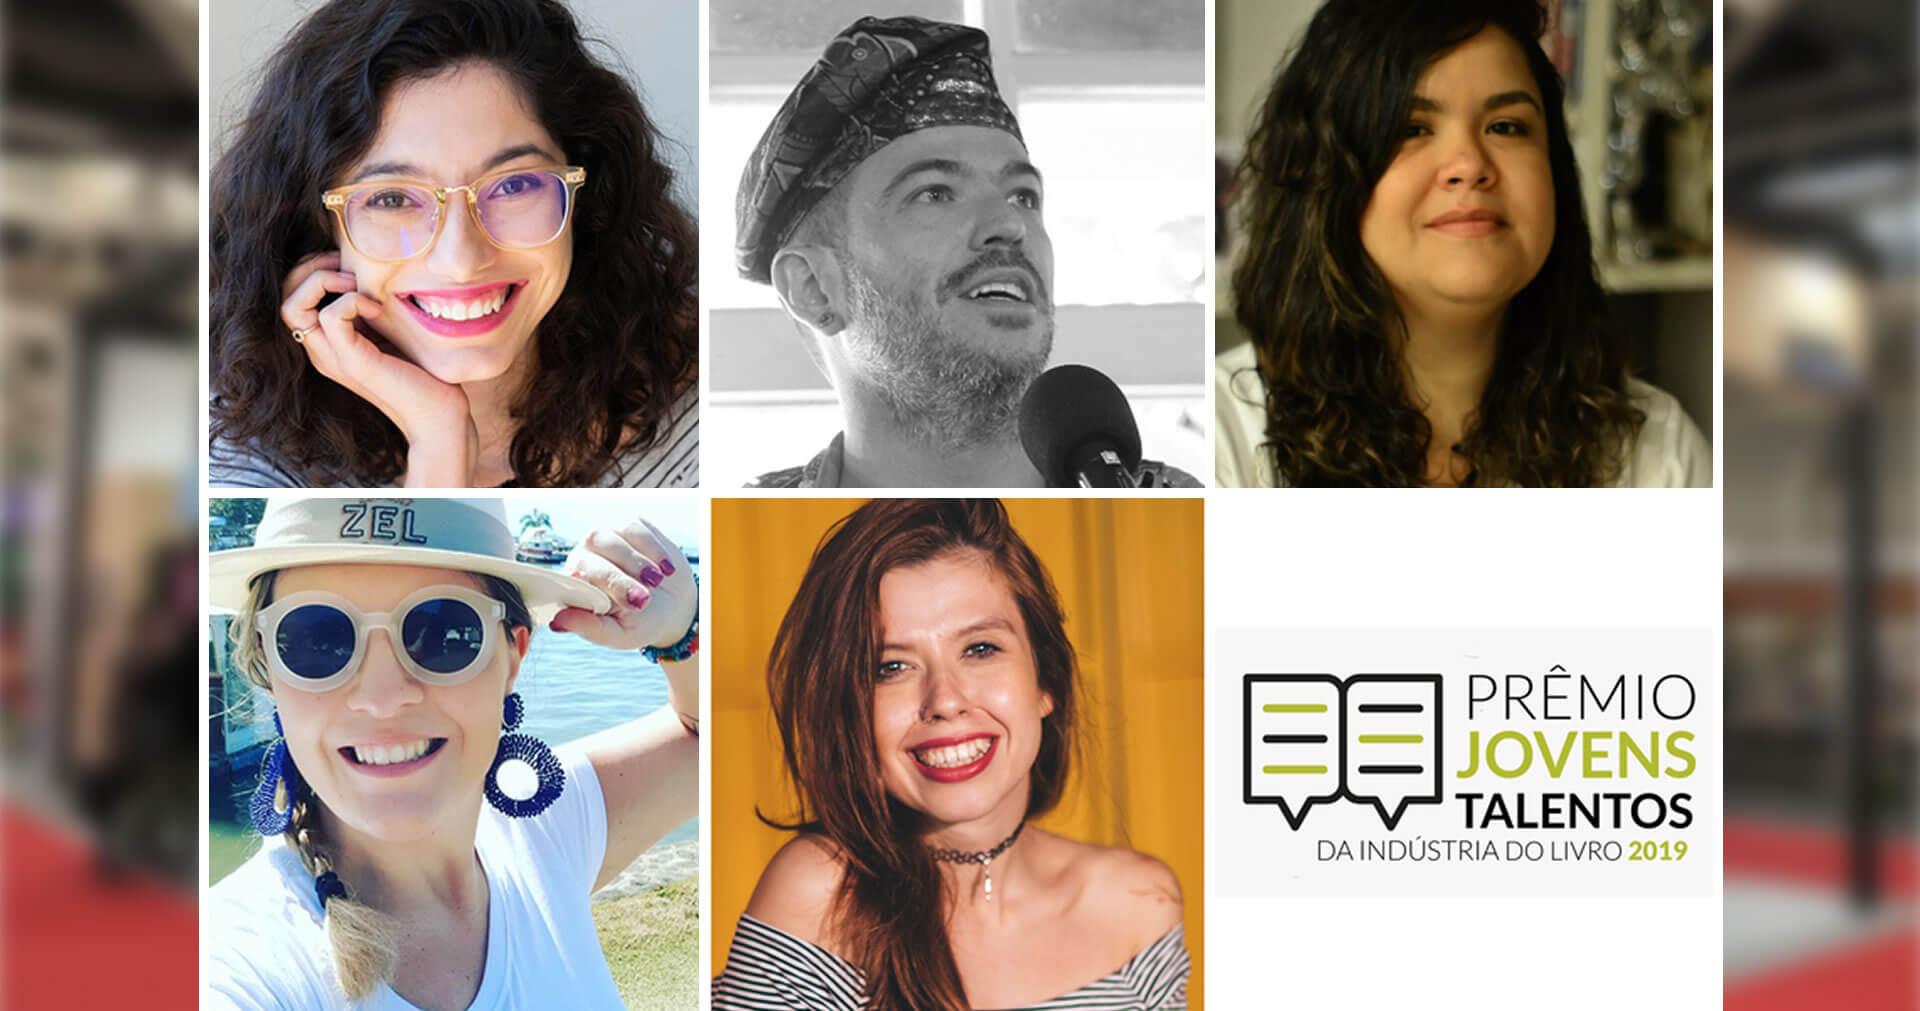 Diego de Oxóssi ganha o prêmio Jovens Talentos PublishNews